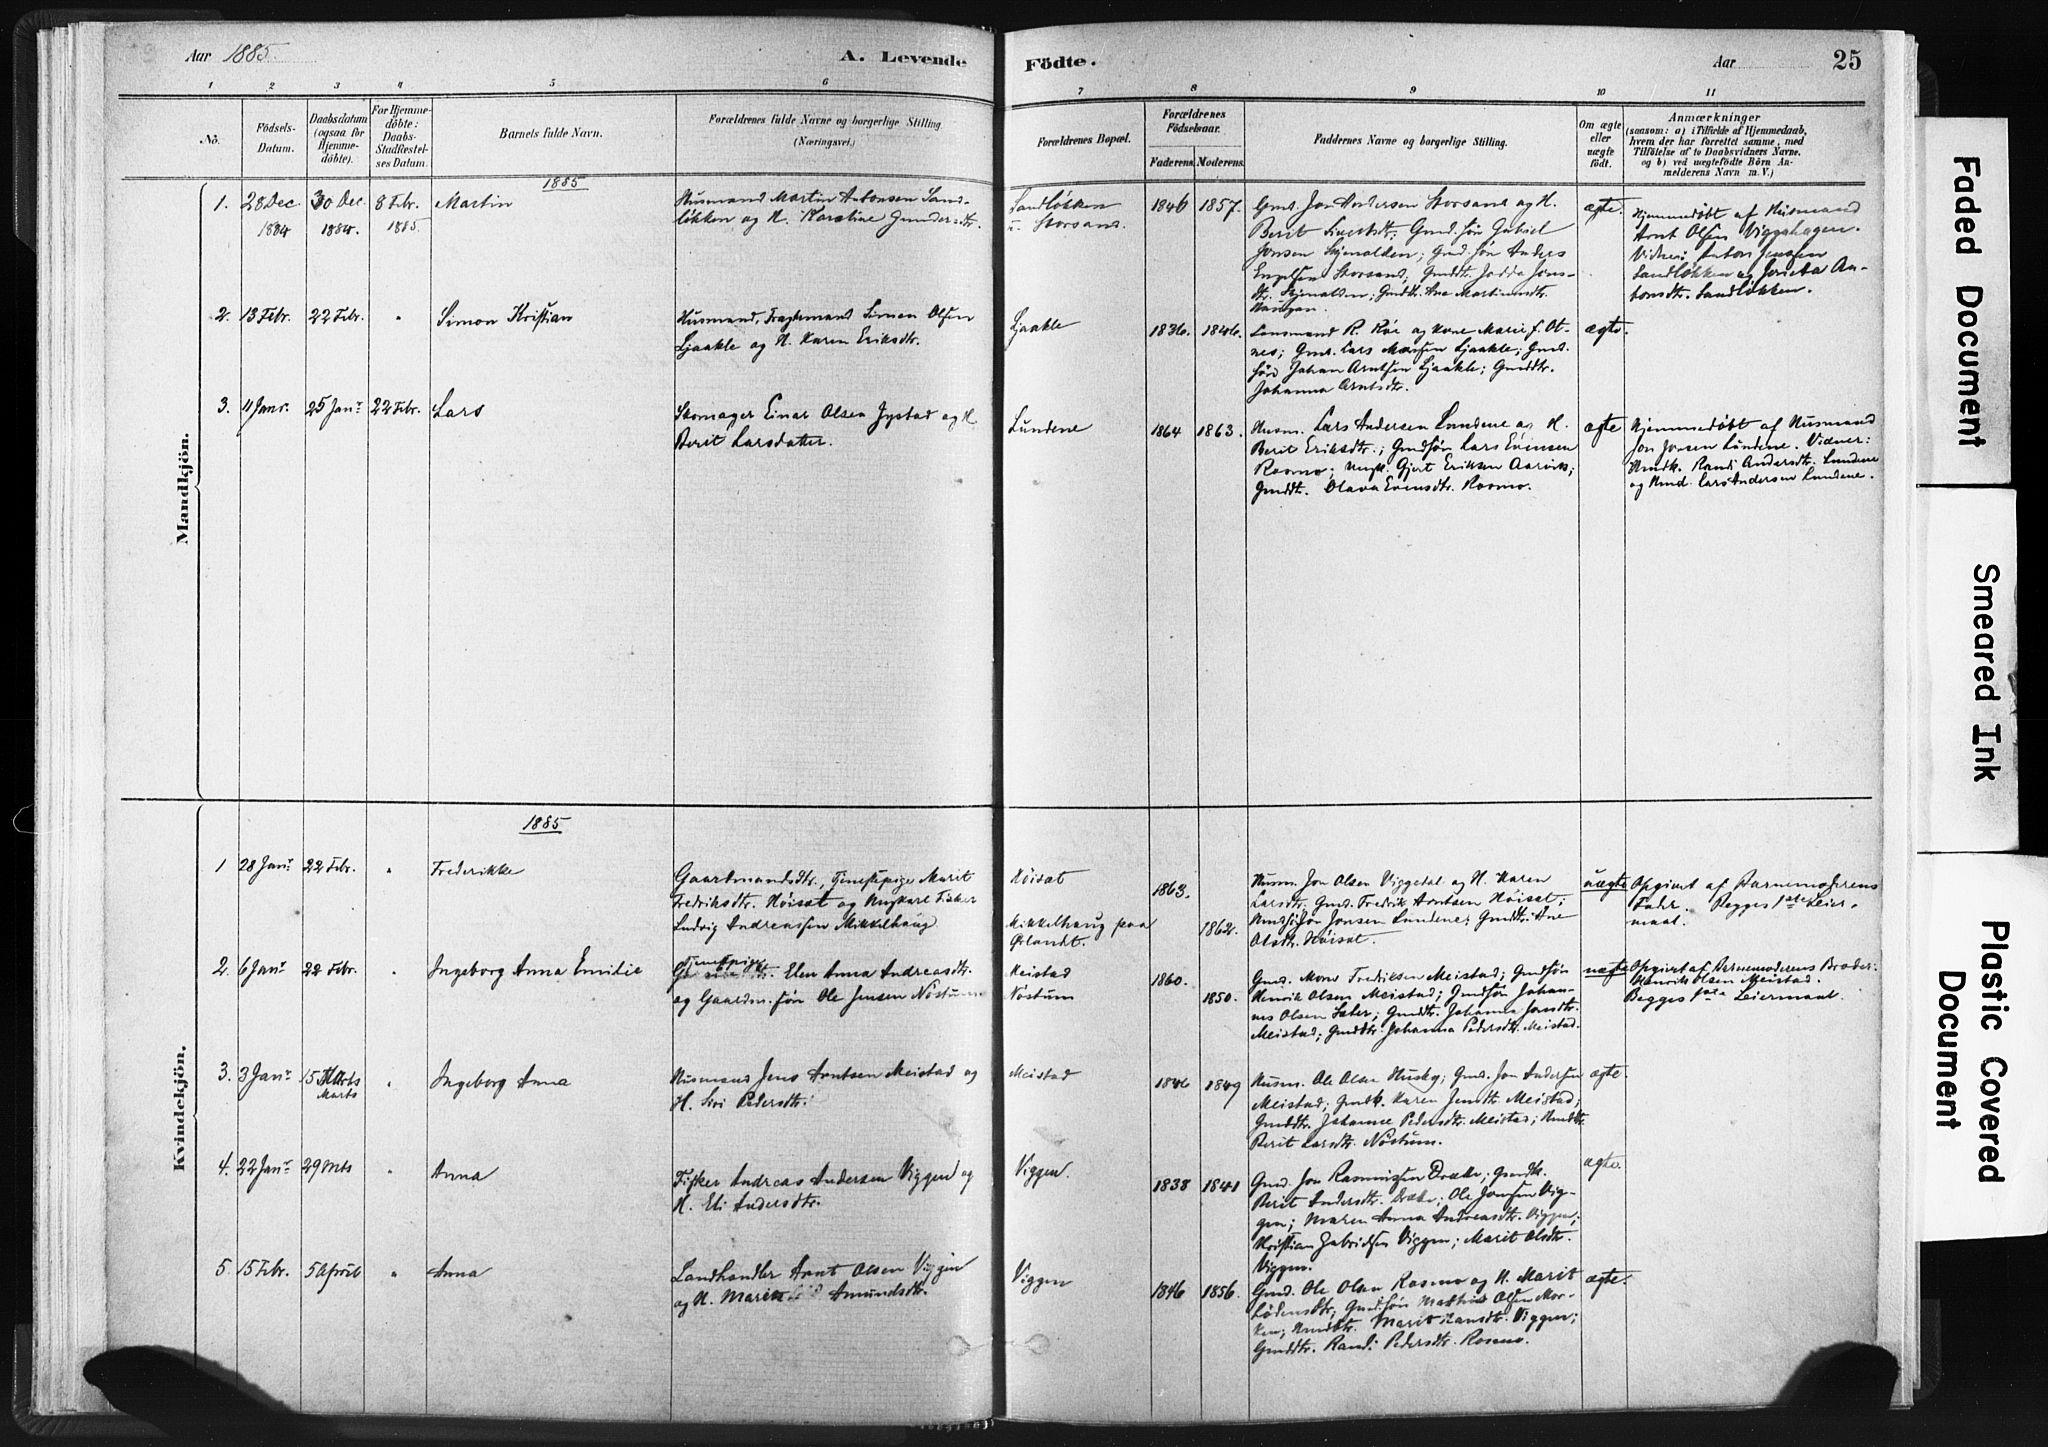 SAT, Ministerialprotokoller, klokkerbøker og fødselsregistre - Sør-Trøndelag, 665/L0773: Ministerialbok nr. 665A08, 1879-1905, s. 25